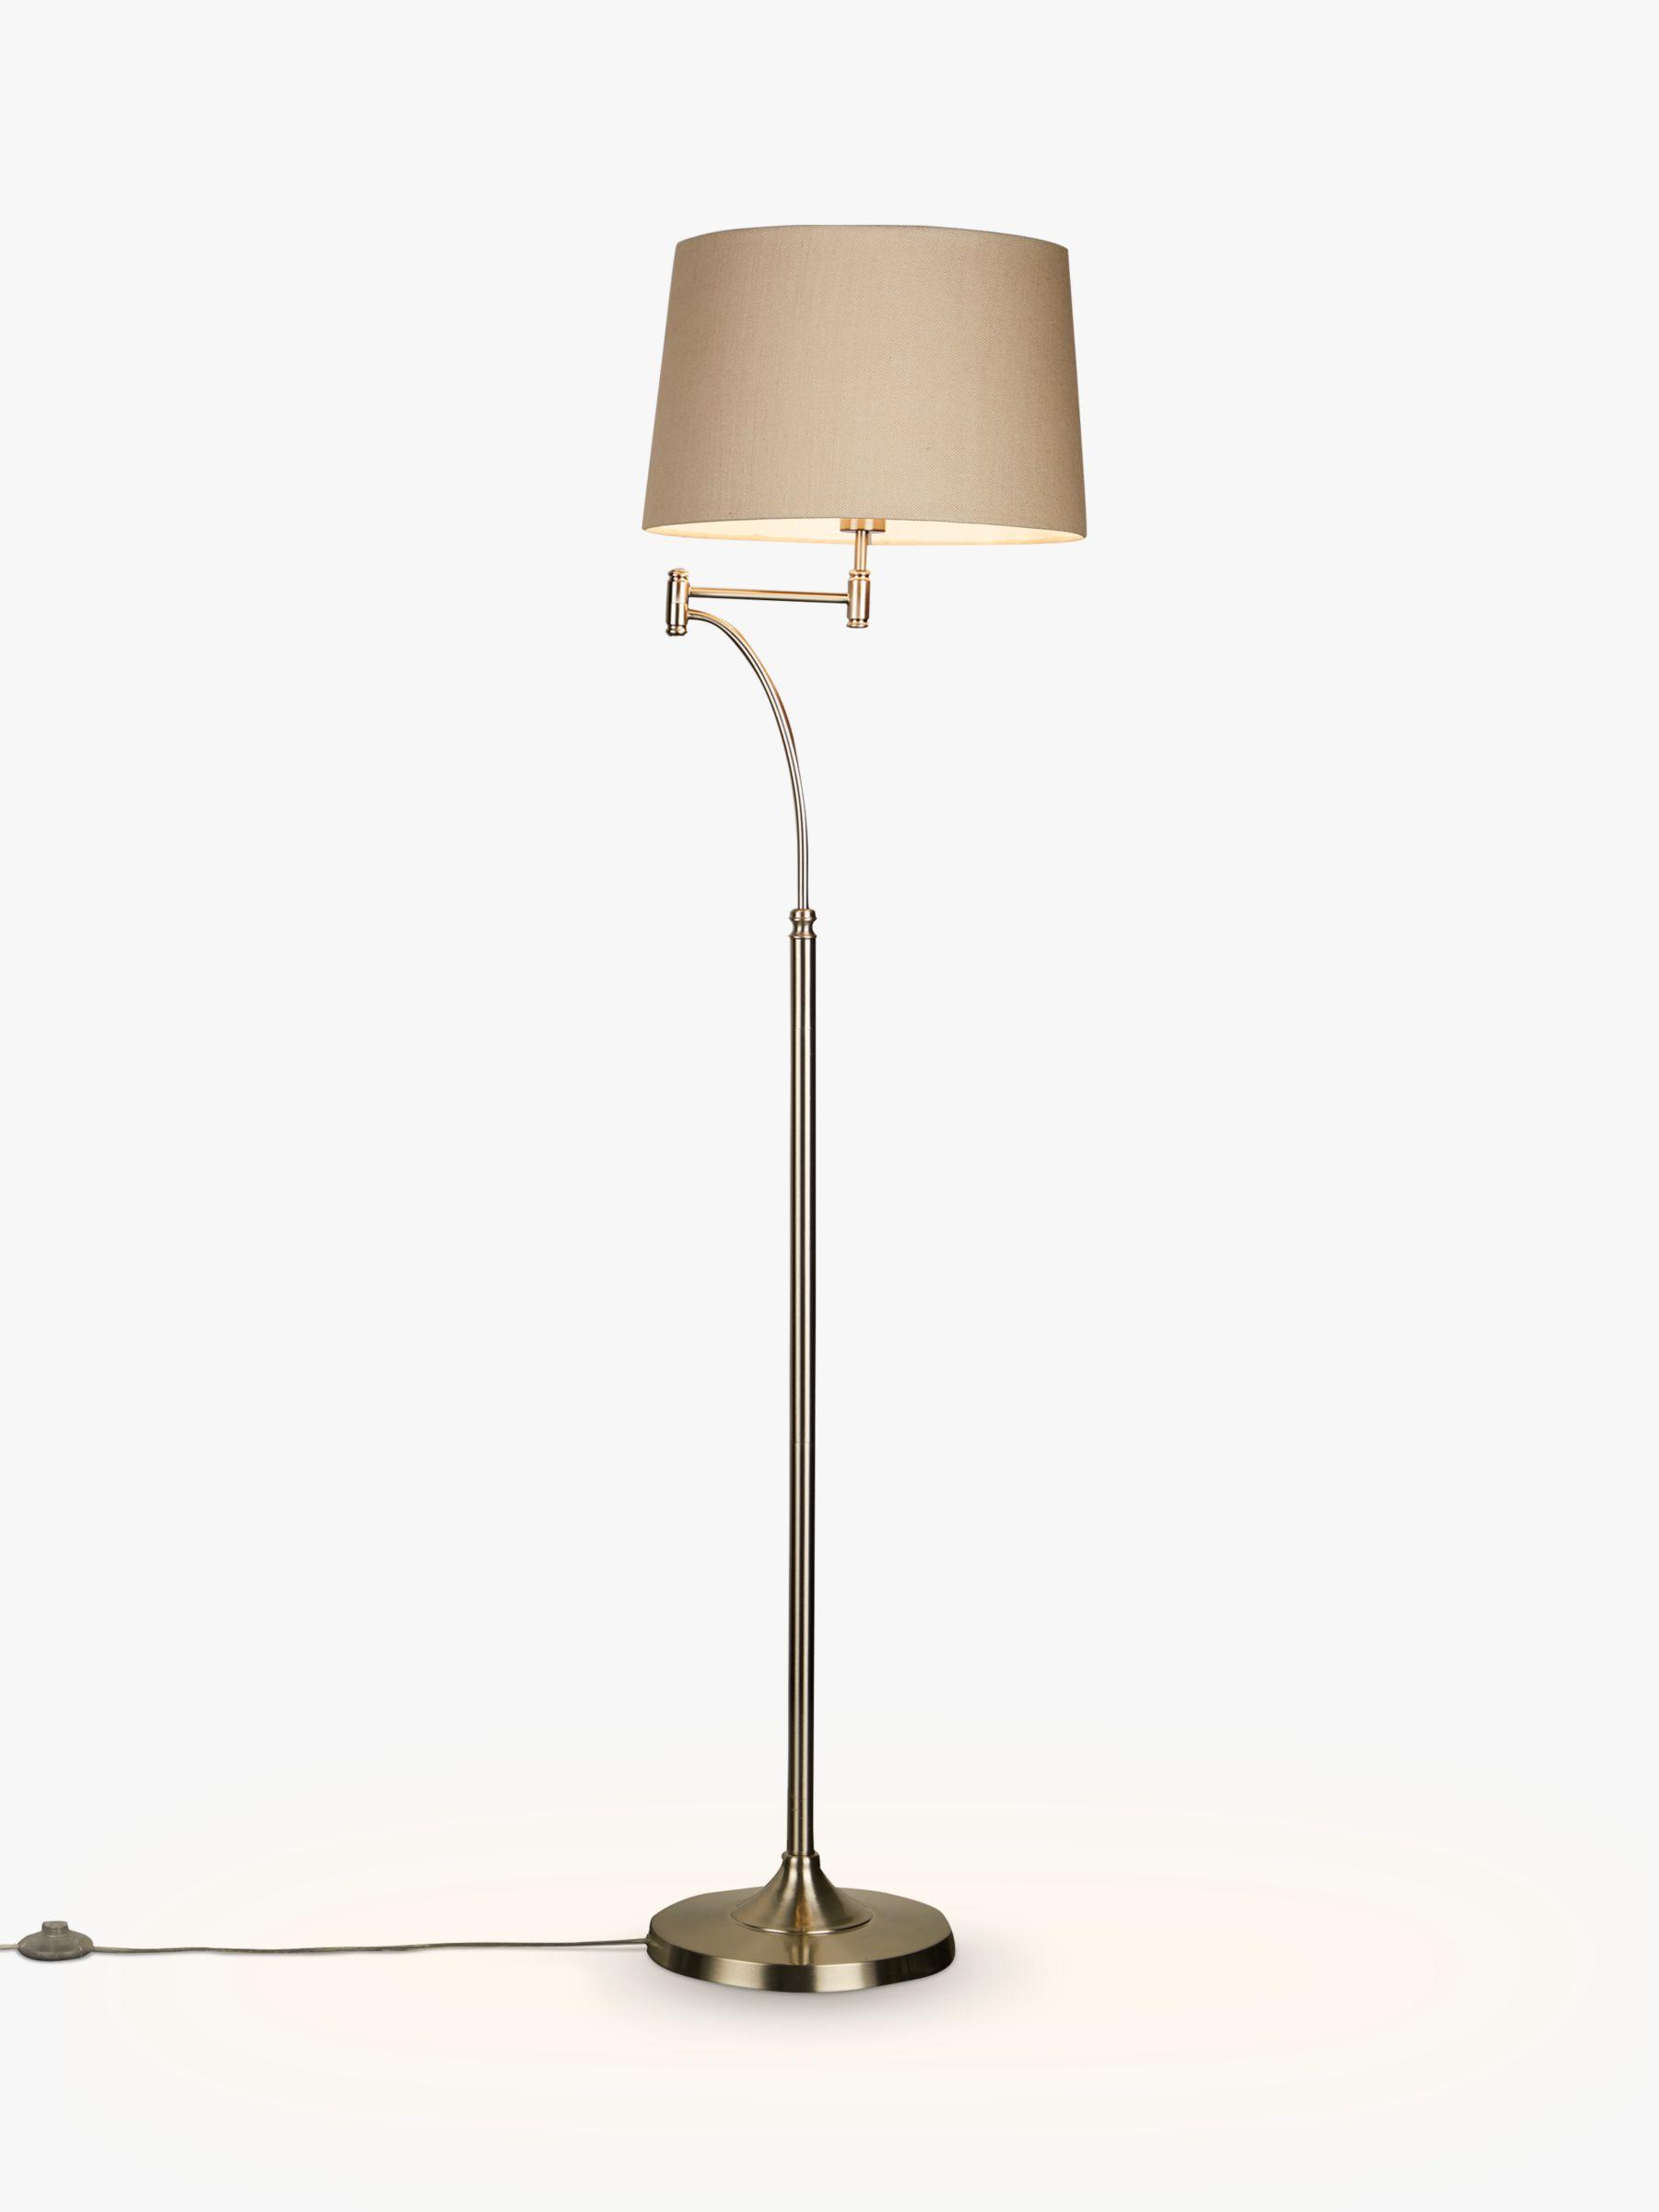 John Lewis Partners Evelyn Swing Arm Floor Lamp Nickel At John Lewis Partners